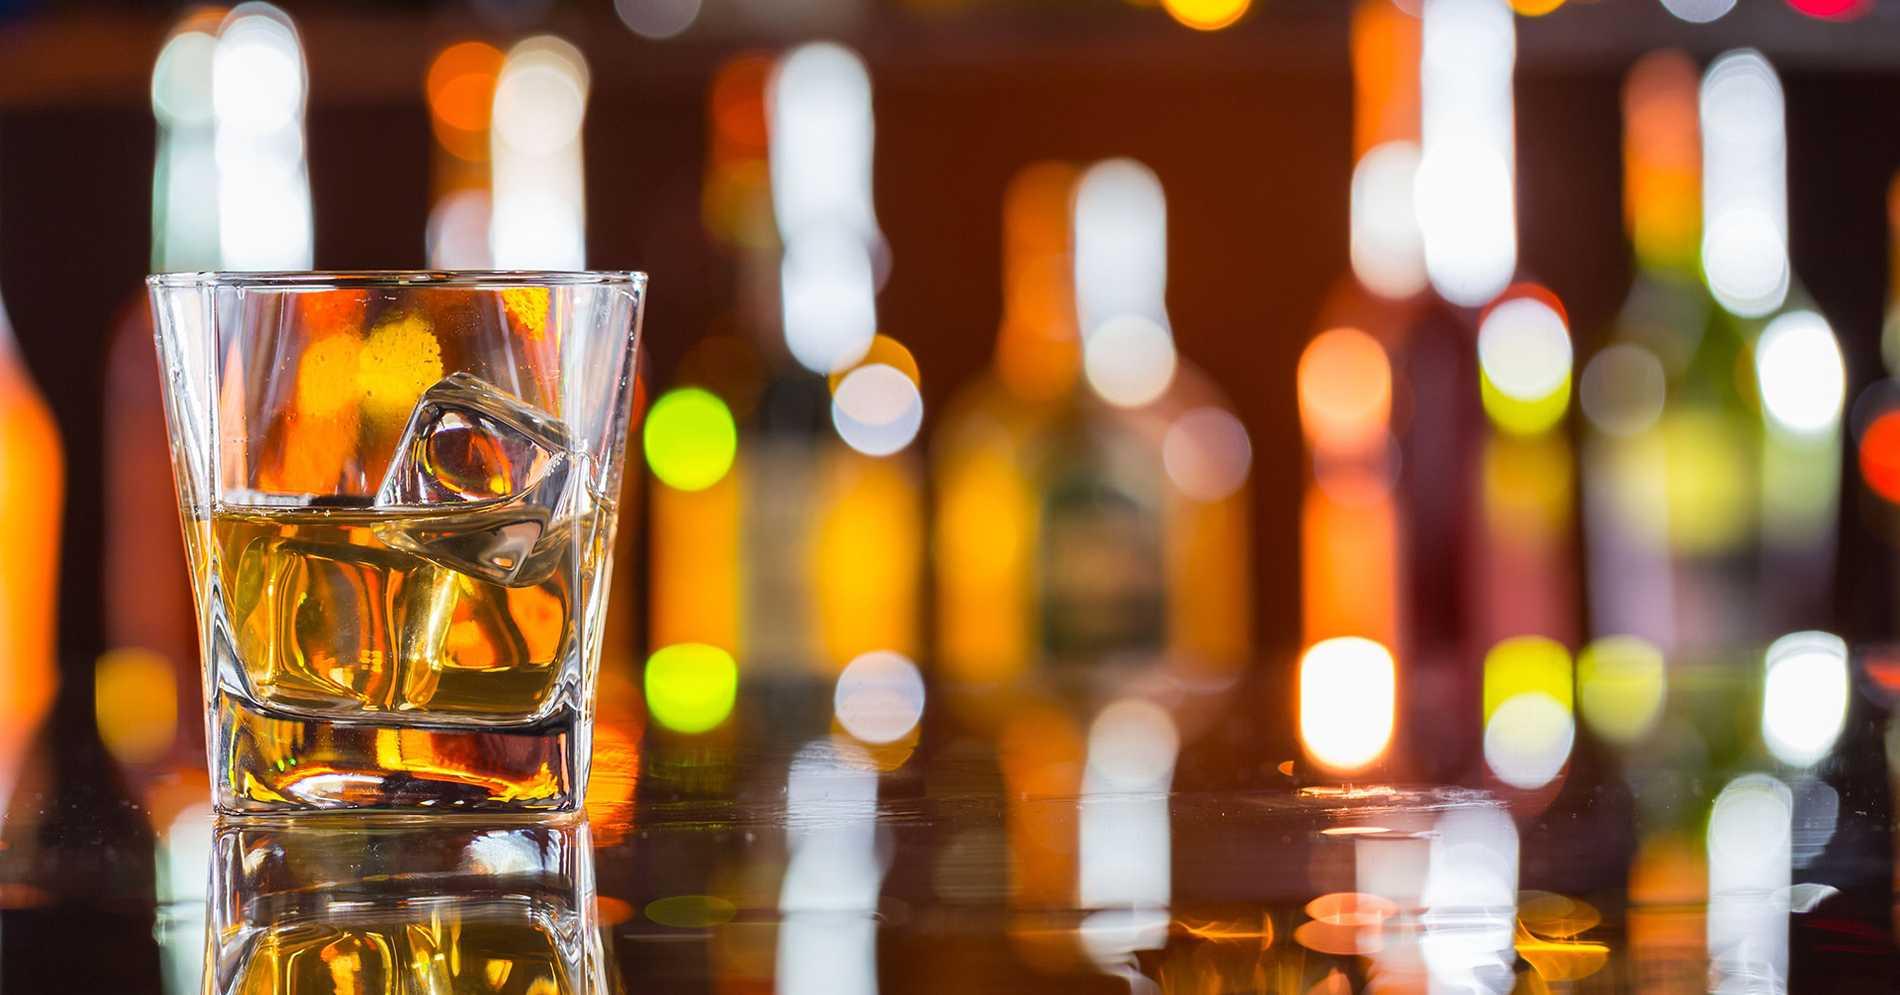 6d3c12ceced0 Systembolaget sålde lyxwhisky till fyndpris | Aftonbladet